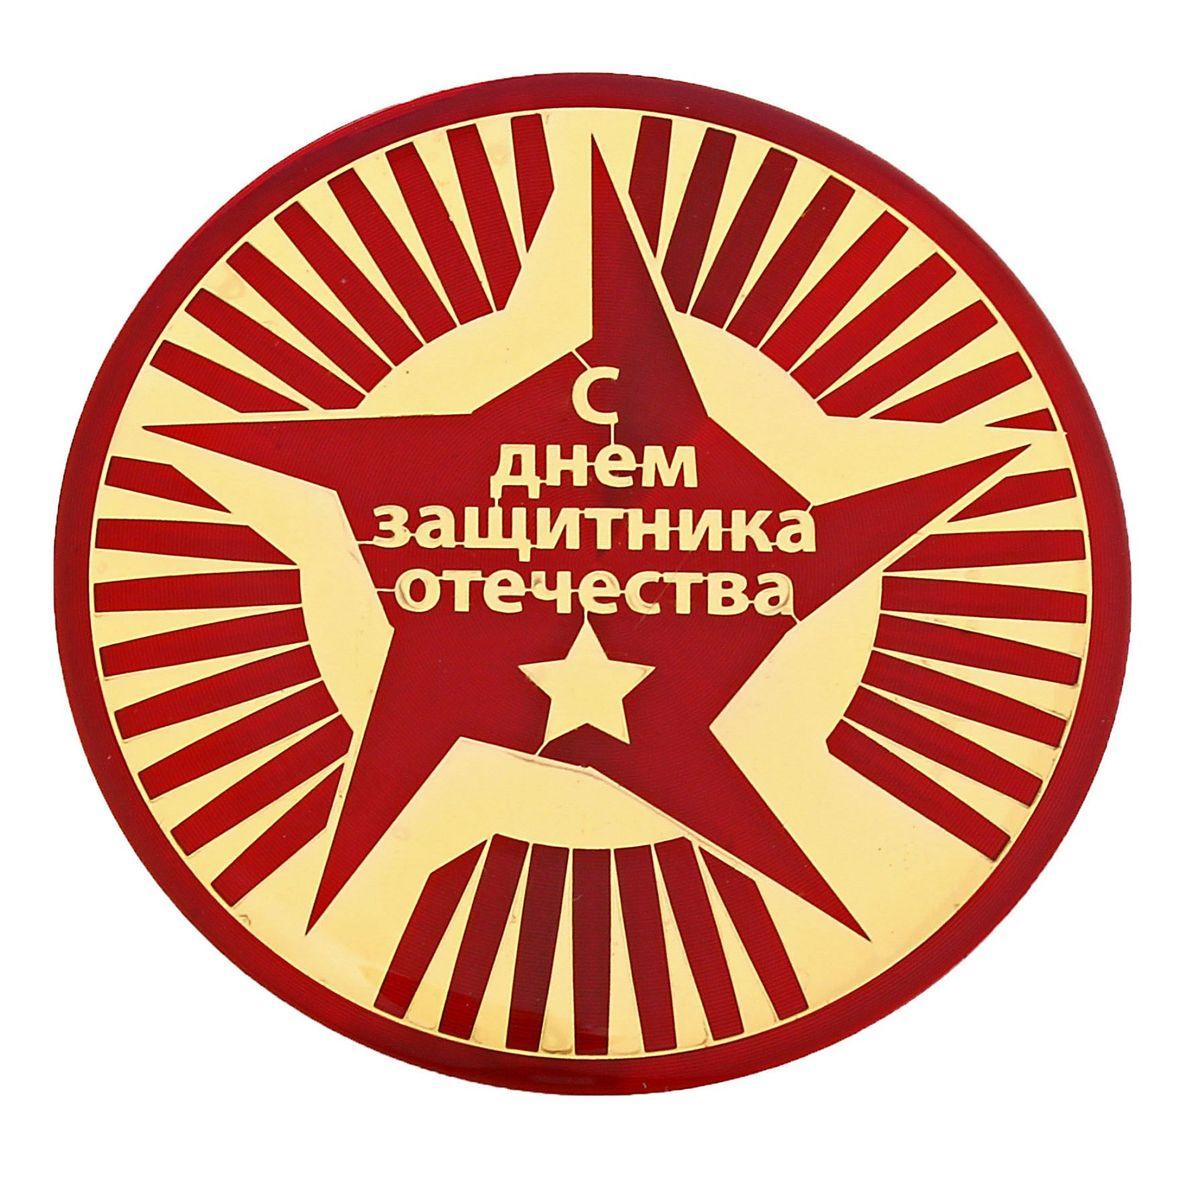 Декоративный магнит Sima-land С Днем защитника Отечества, диаметр 5 см брелок орден sima land защитник отечества